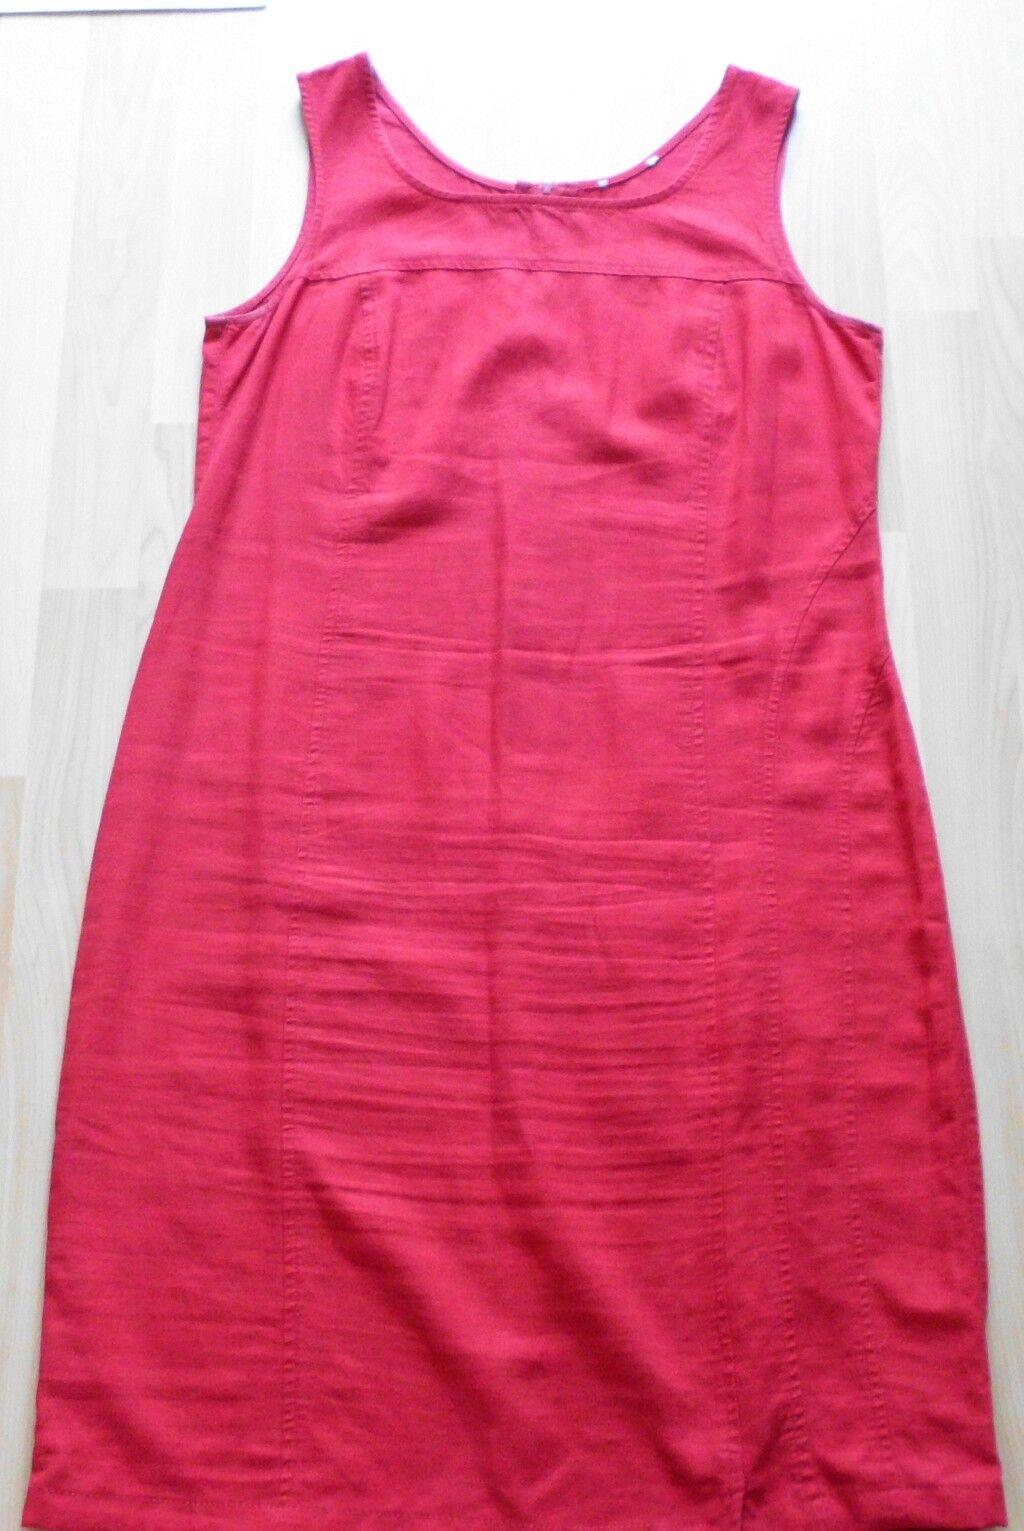 Bonita Kleid Gr.40 mit Jacke (42), 1x getragen ca. 2 h, ROT, verk.a.einzeln